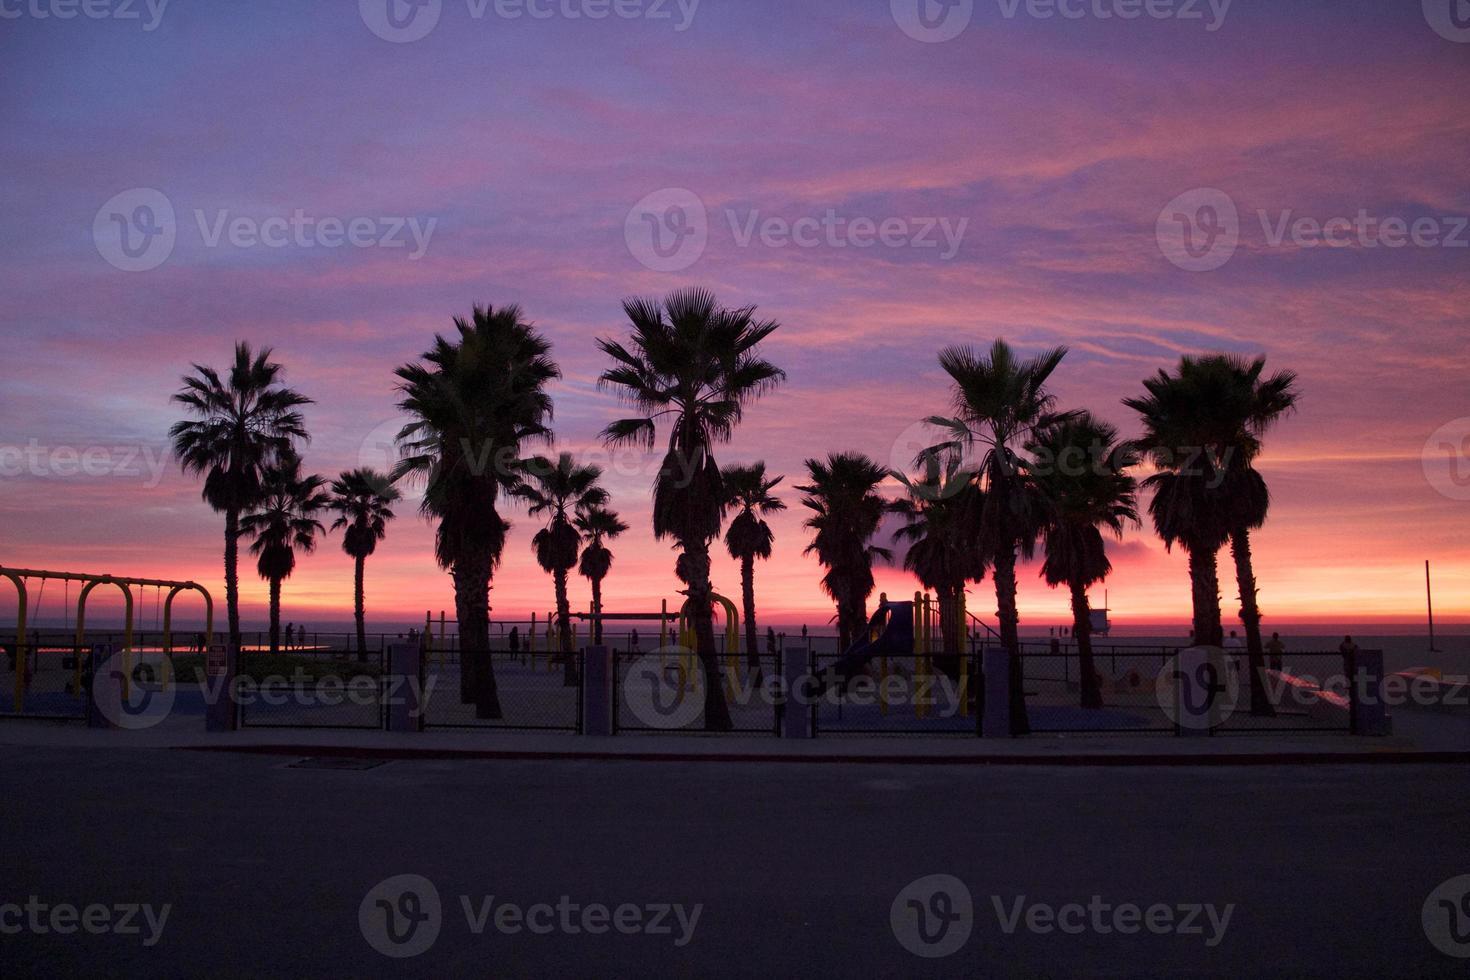 venise plage coucher de soleil ciel pendant solstice d'hiver photo